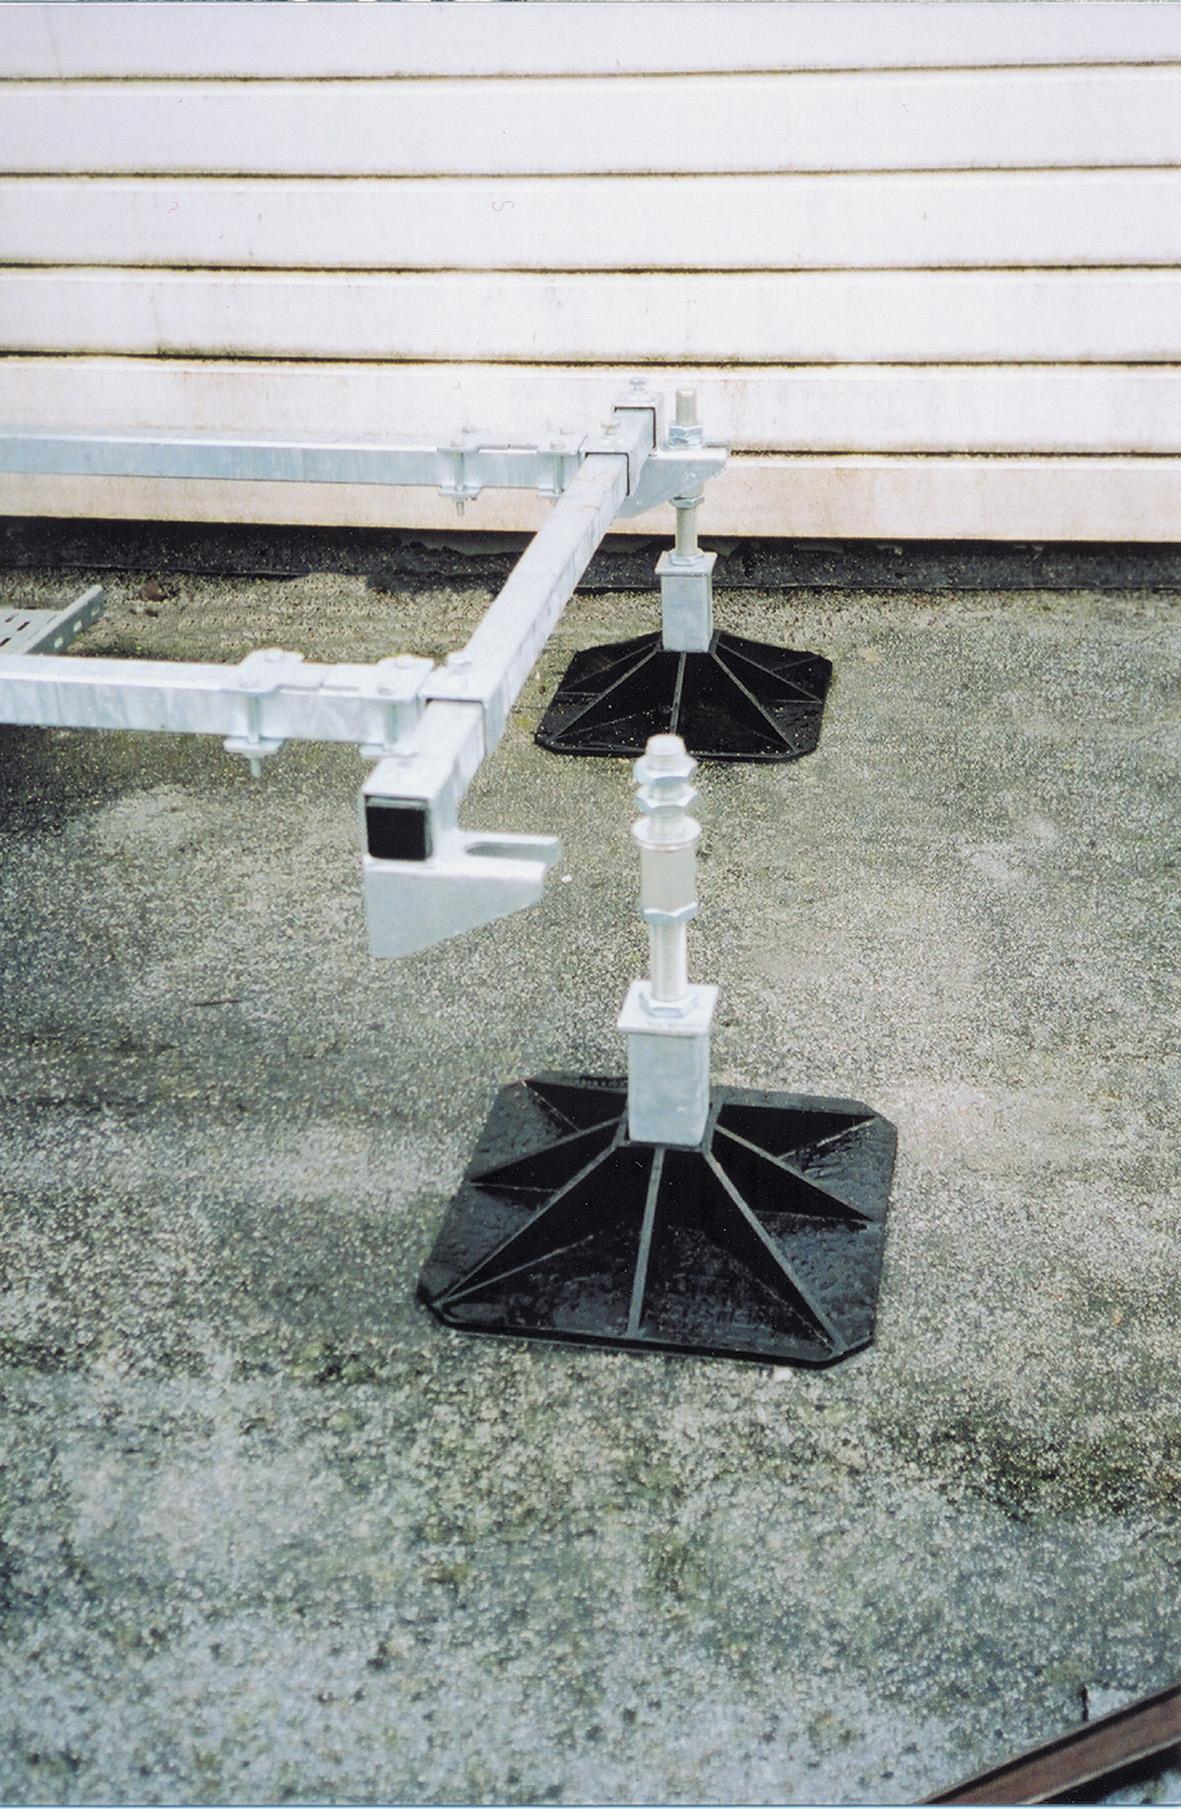 Entfernen des Beines nach der Installation ist möglich